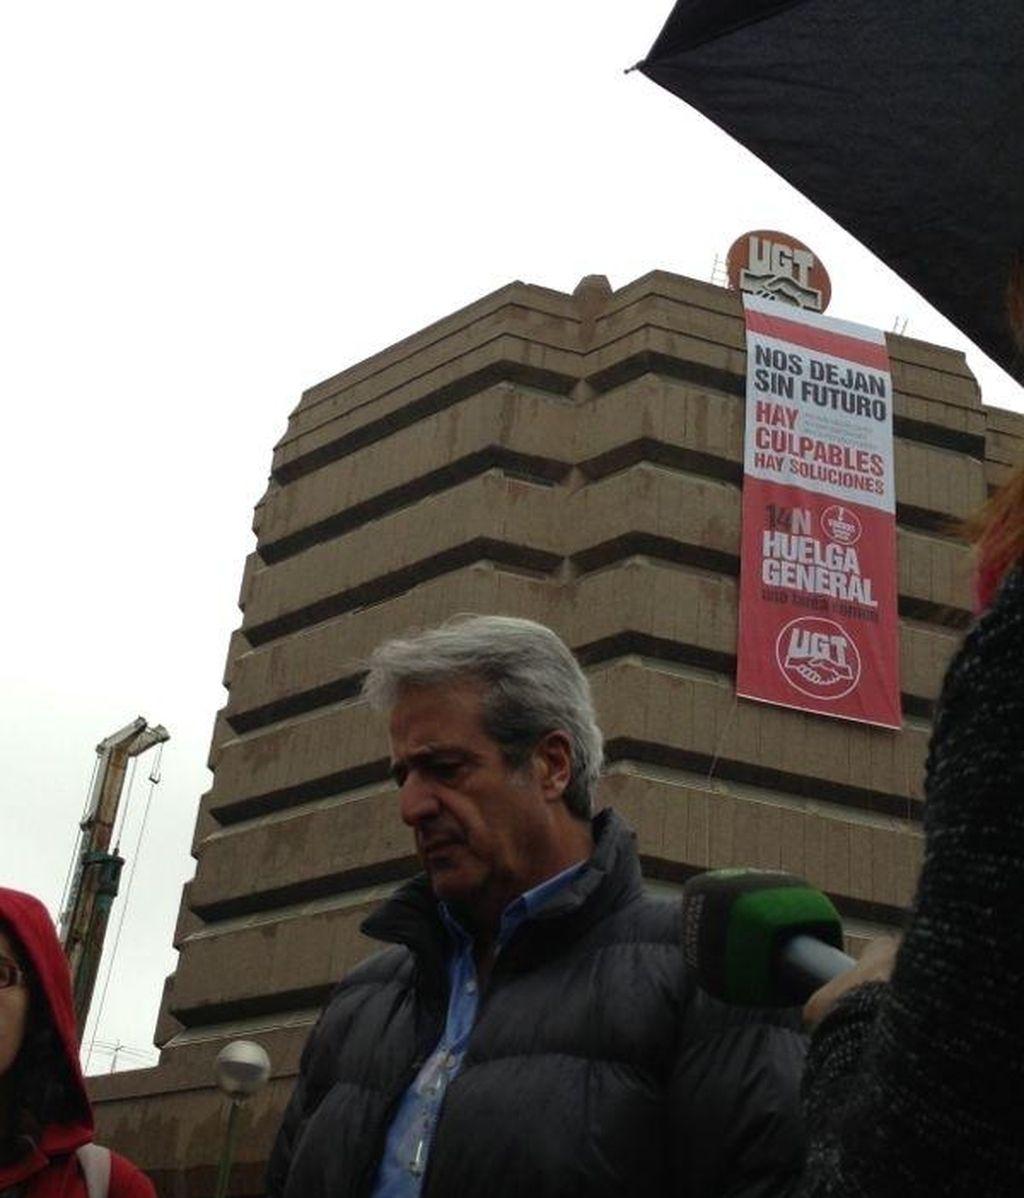 UGT despliega una pancarta de la huelga del 14-N en la fachada de su sede madrileña